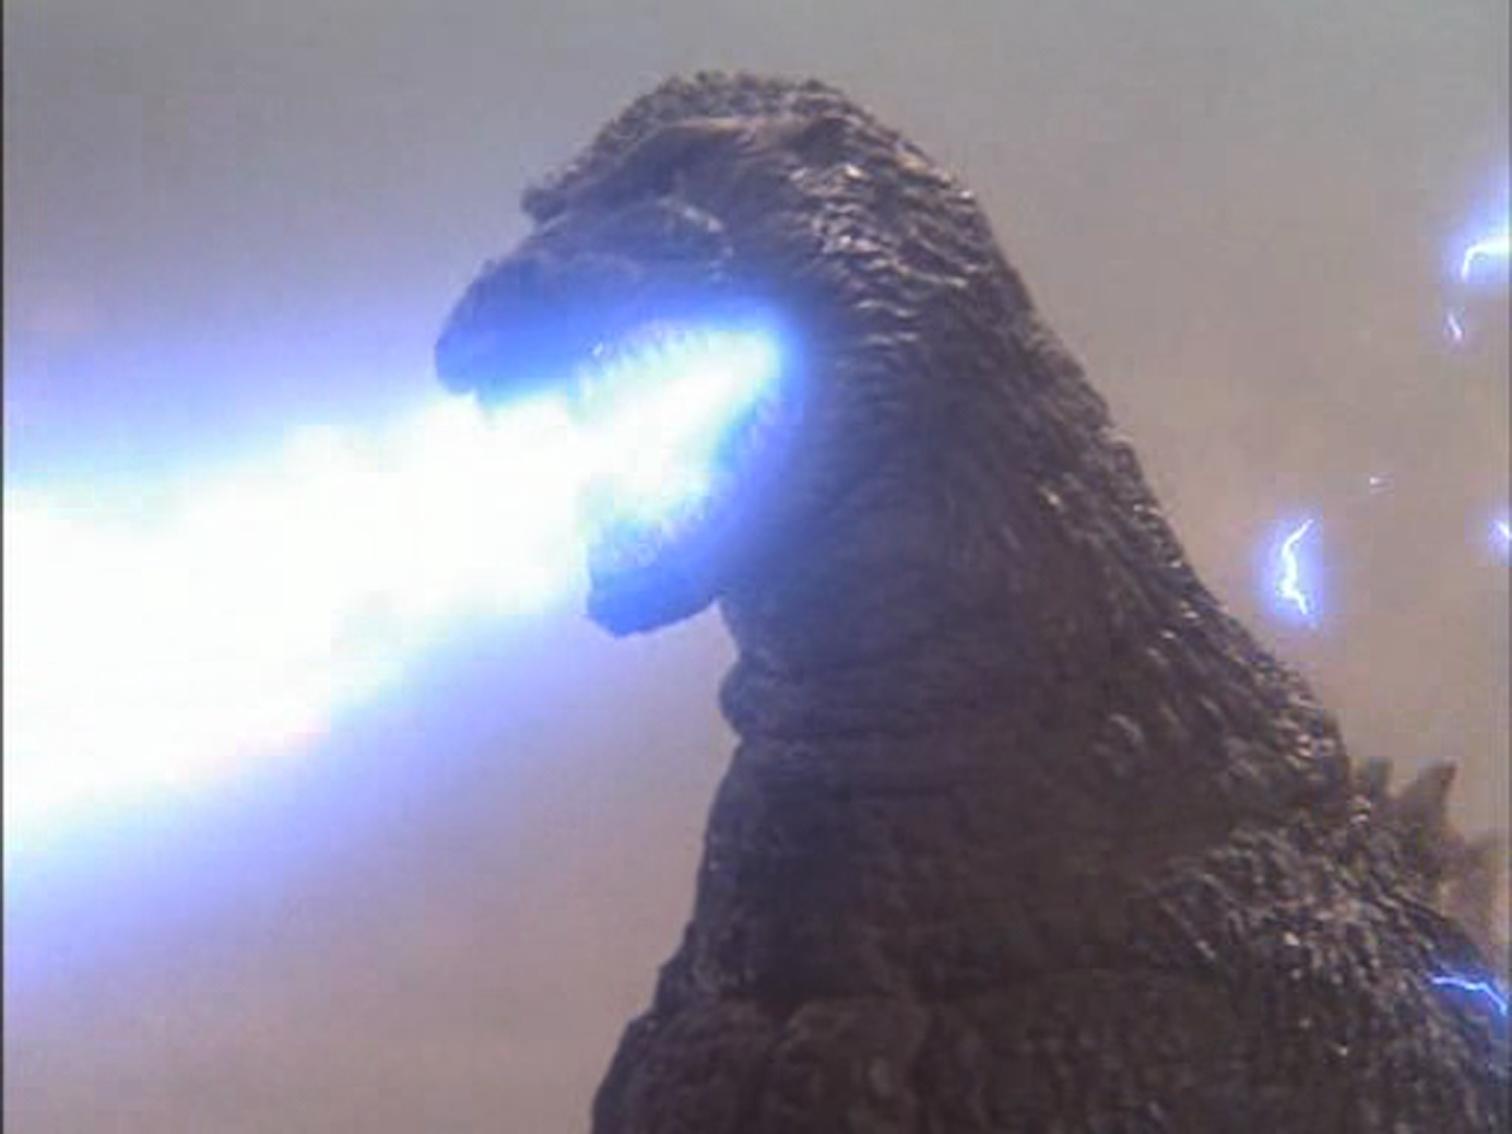 Godzilla Wallpaper 1512x1134 Godzilla 1512x1134